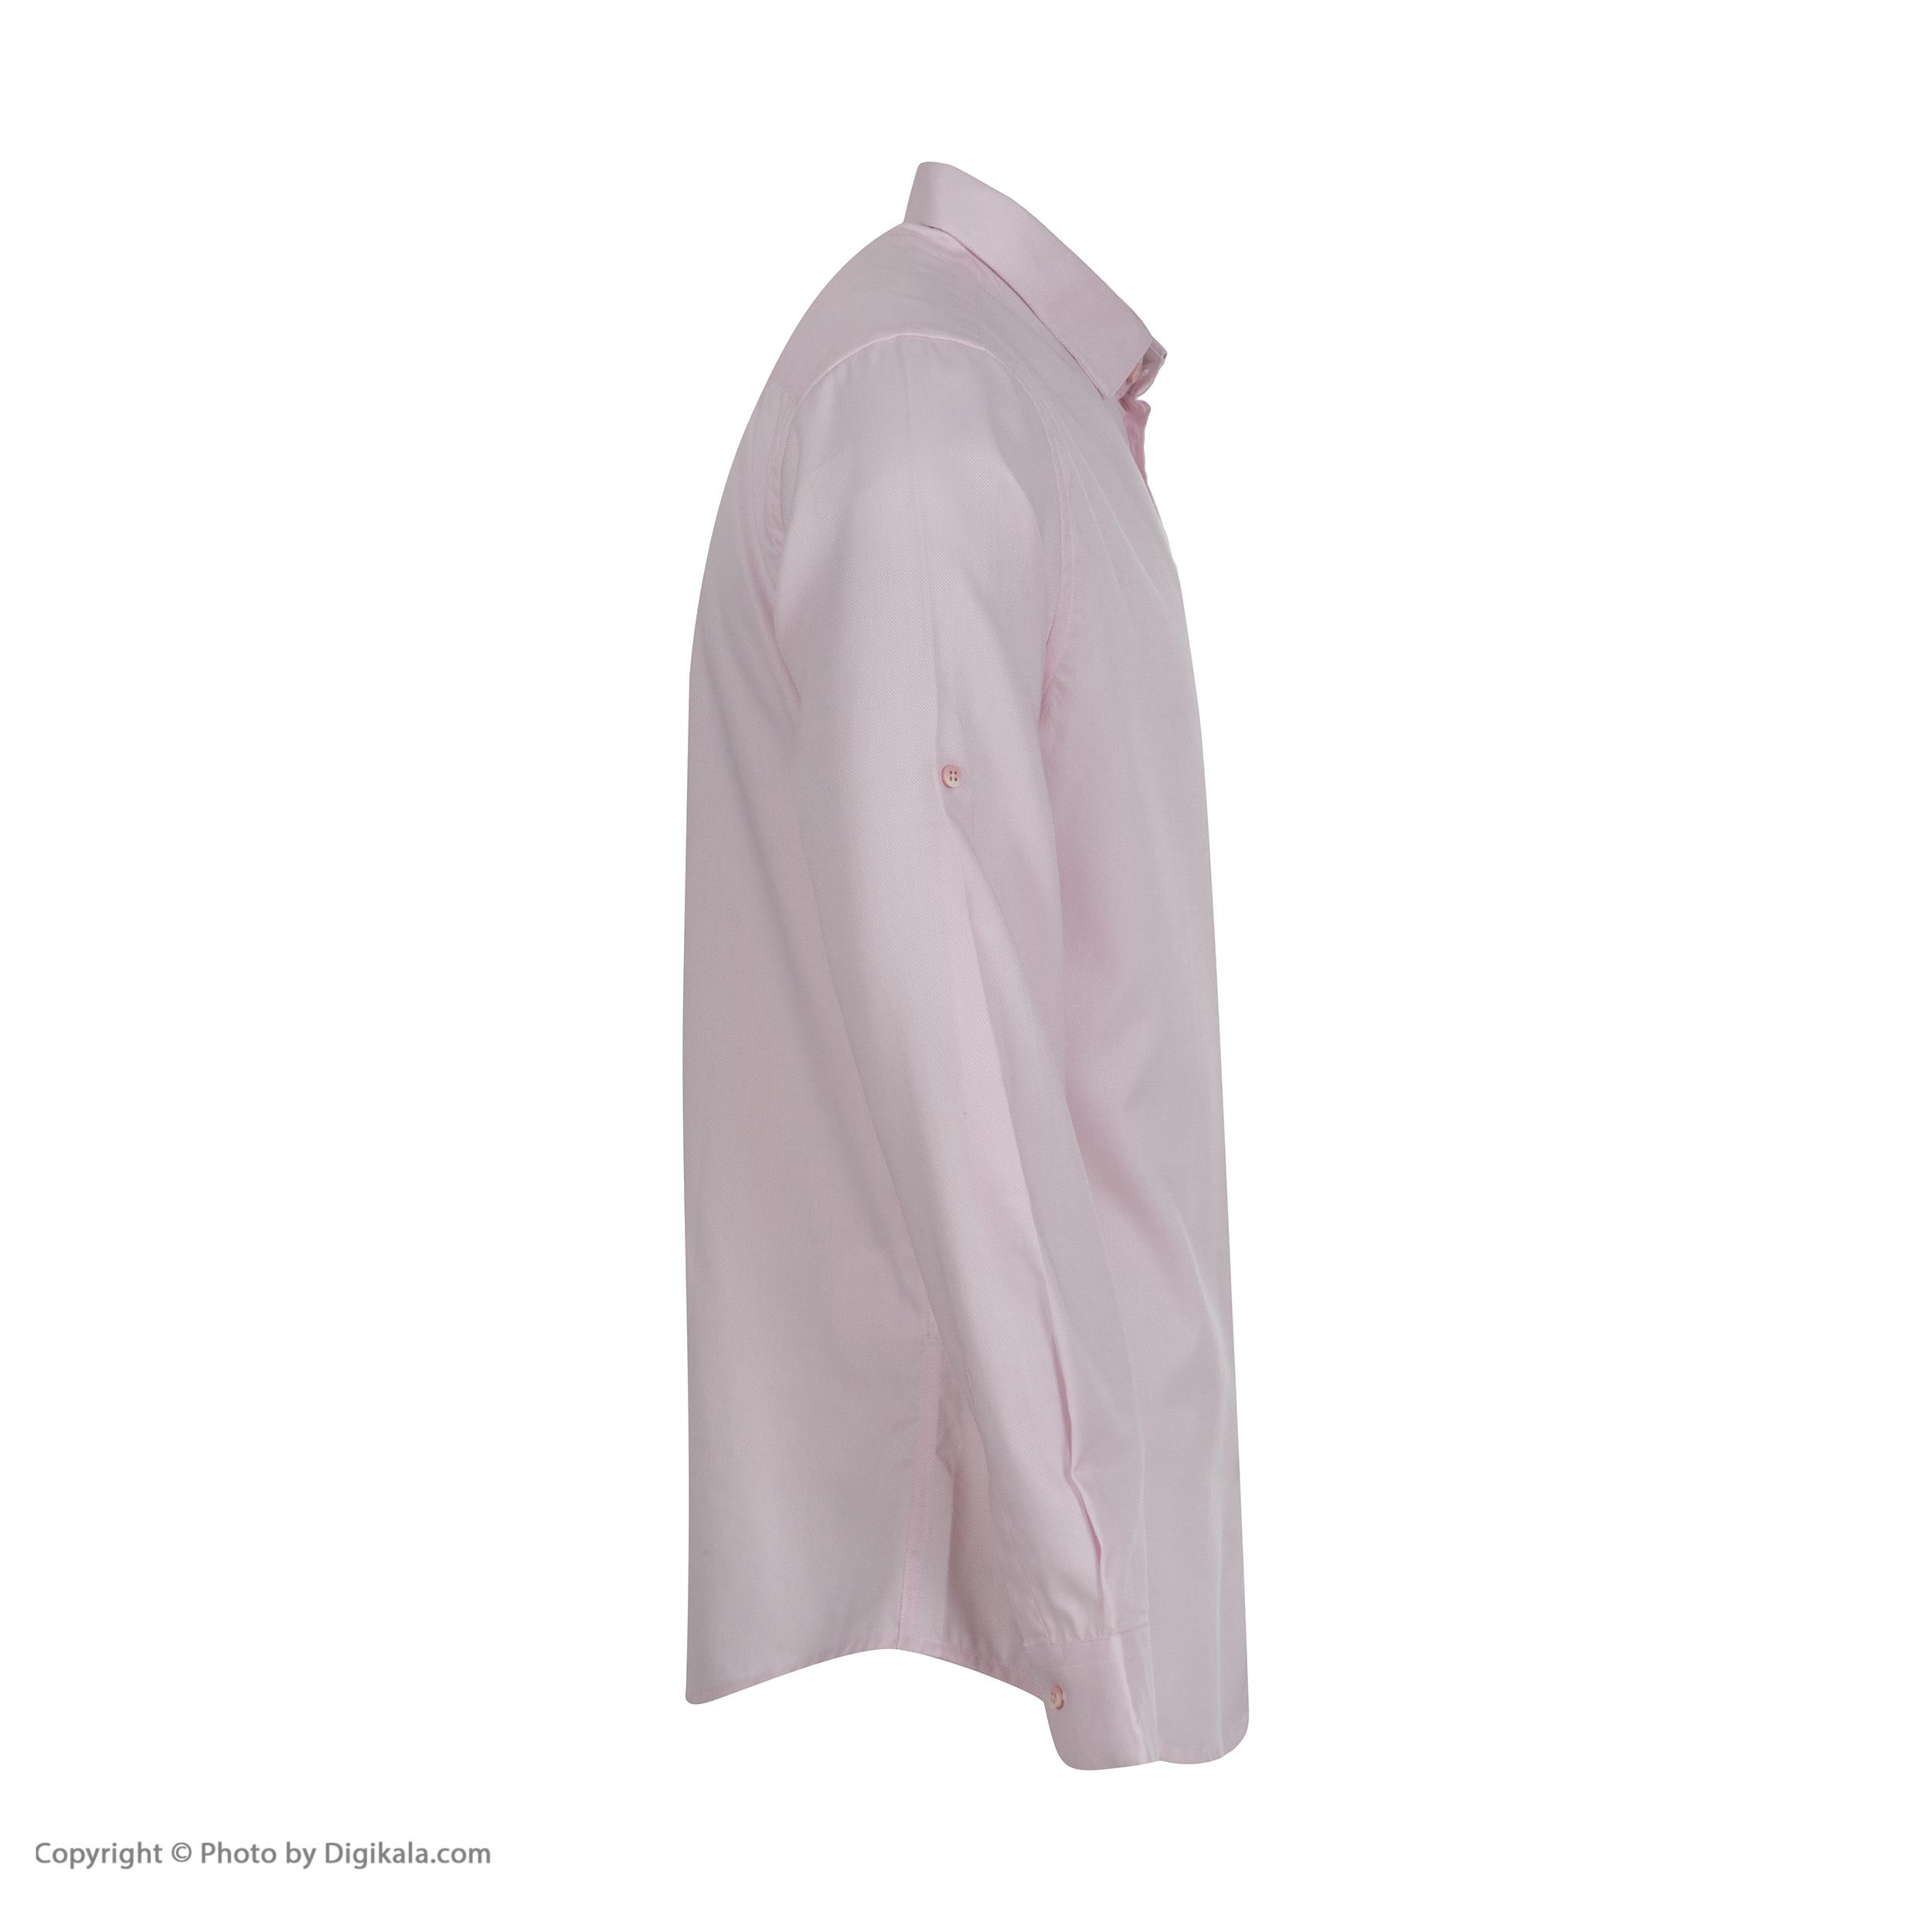 پیراهن مردانه رونی مدل 11110211-15